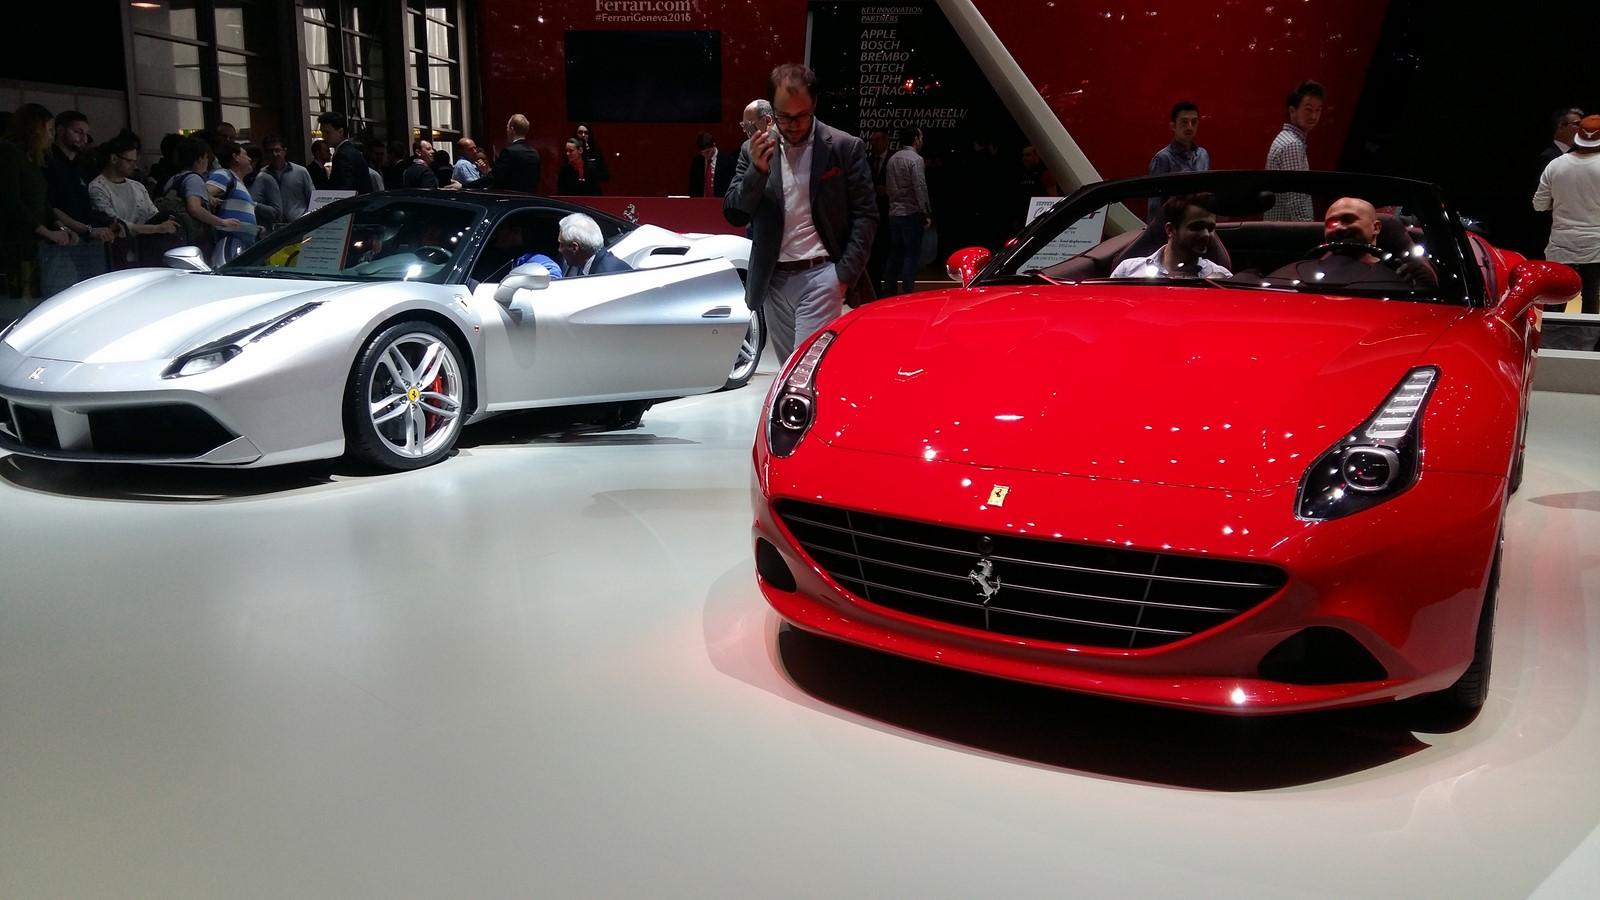 la nouvelle ferrari f12 m flirterait avec les 800 chevaux le mag auto prestige. Black Bedroom Furniture Sets. Home Design Ideas